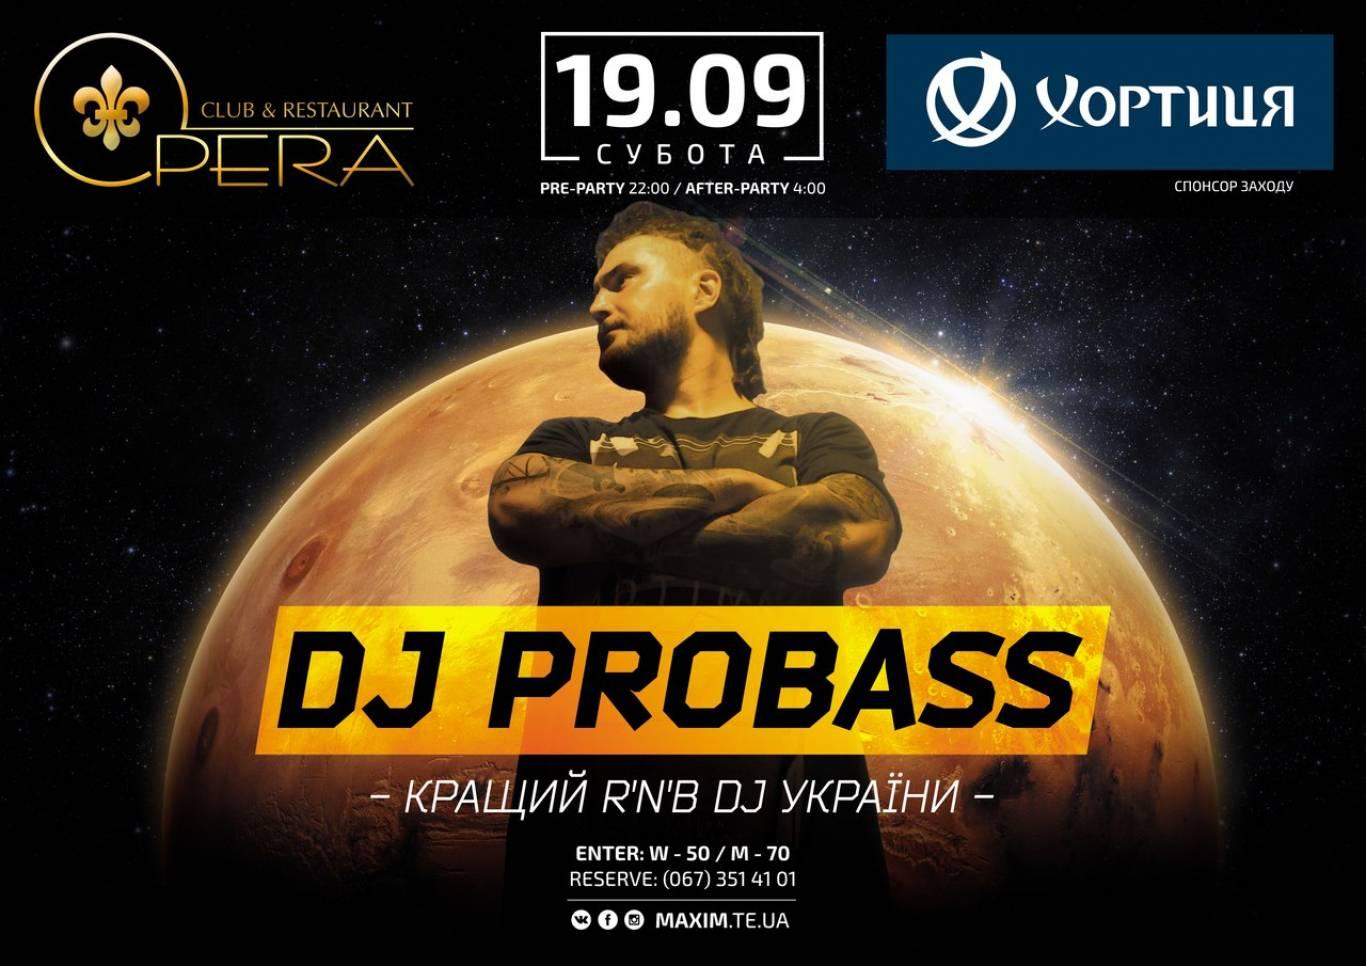 Вечірка з Dj Probass